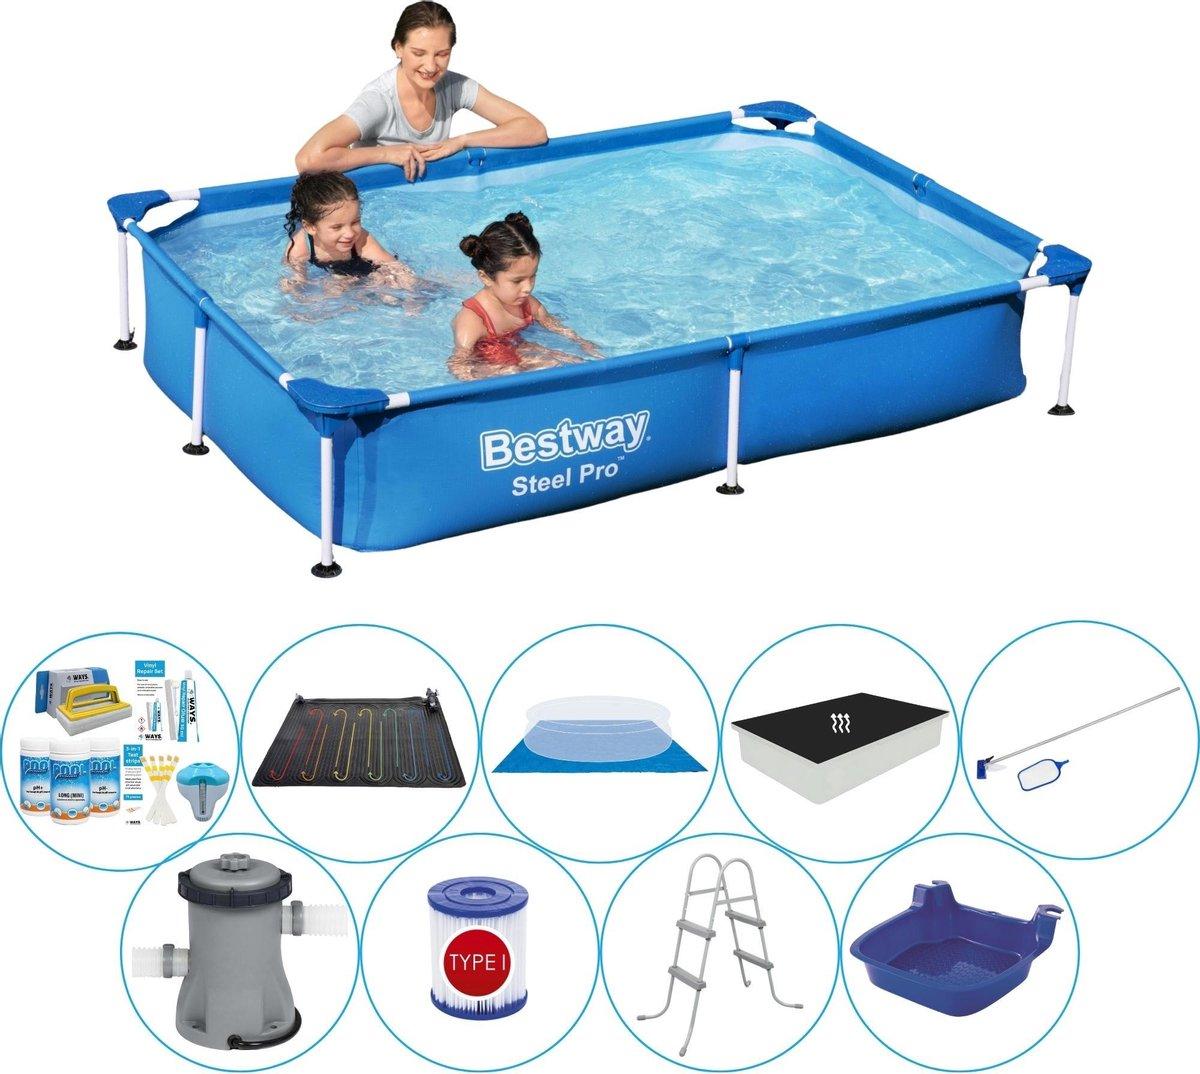 Bestway rechthoekig zwembad - duo set - inclusief grondzeil - 220 x 150 x 43